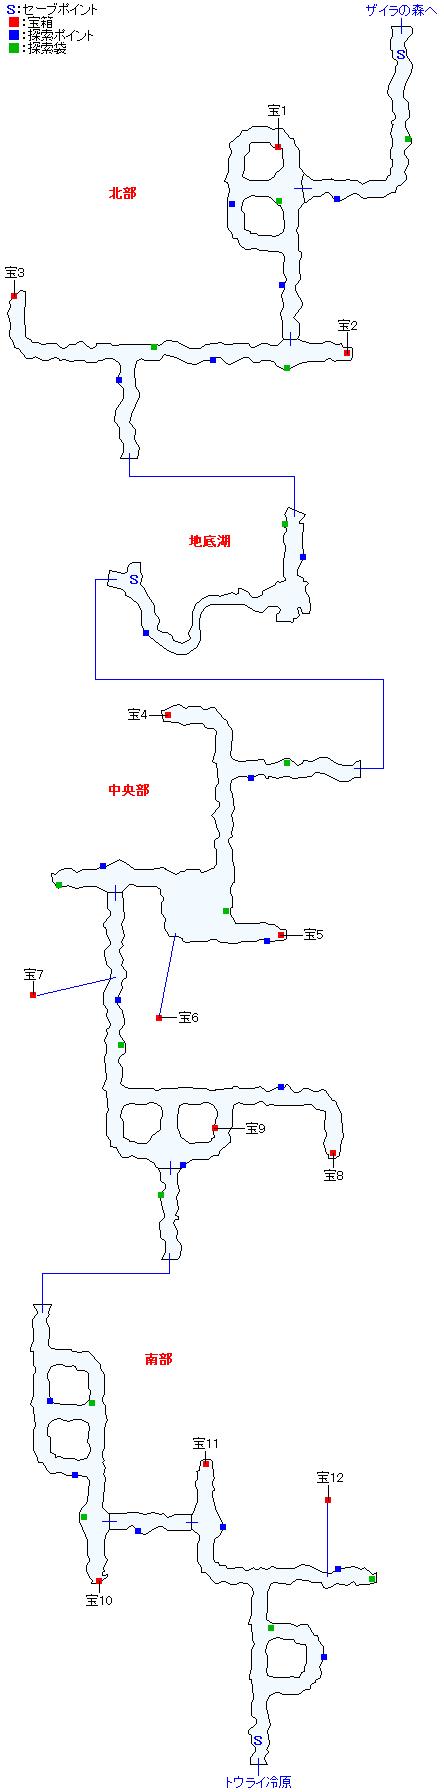 マップ画像・ククル凍窟(ミラ編)